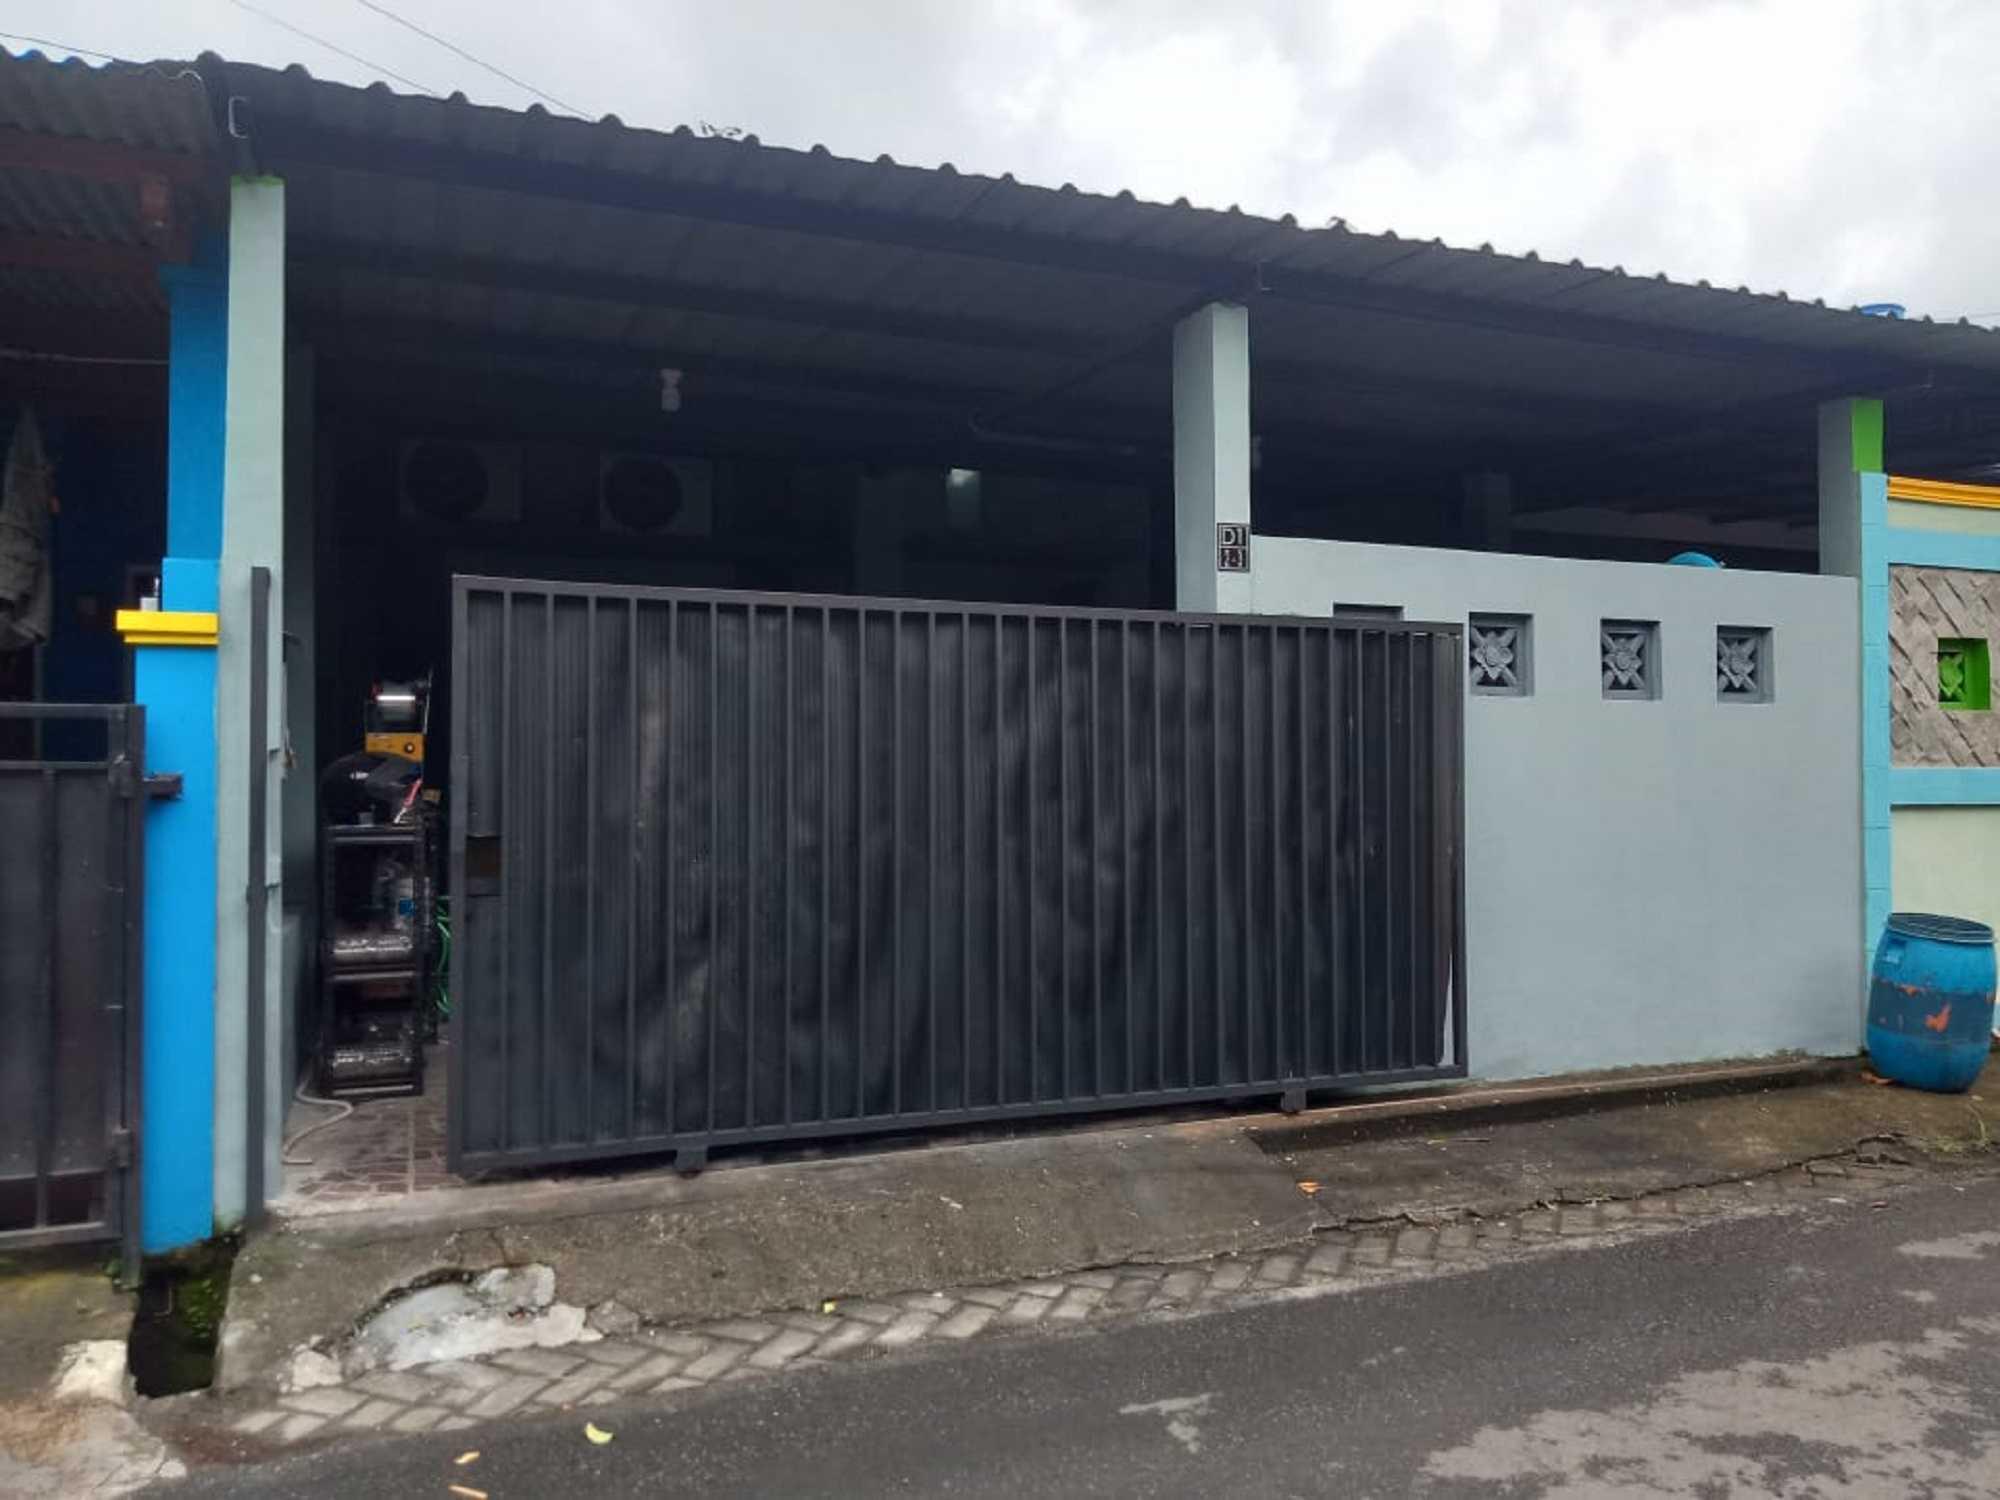 Rekoo Indonesia Repaint Rumah Semarang, Kota Semarang, Jawa Tengah, Indonesia Semarang, Kota Semarang, Jawa Tengah, Indonesia Rekoo-Indonesia-Repaint-Rumah  133258